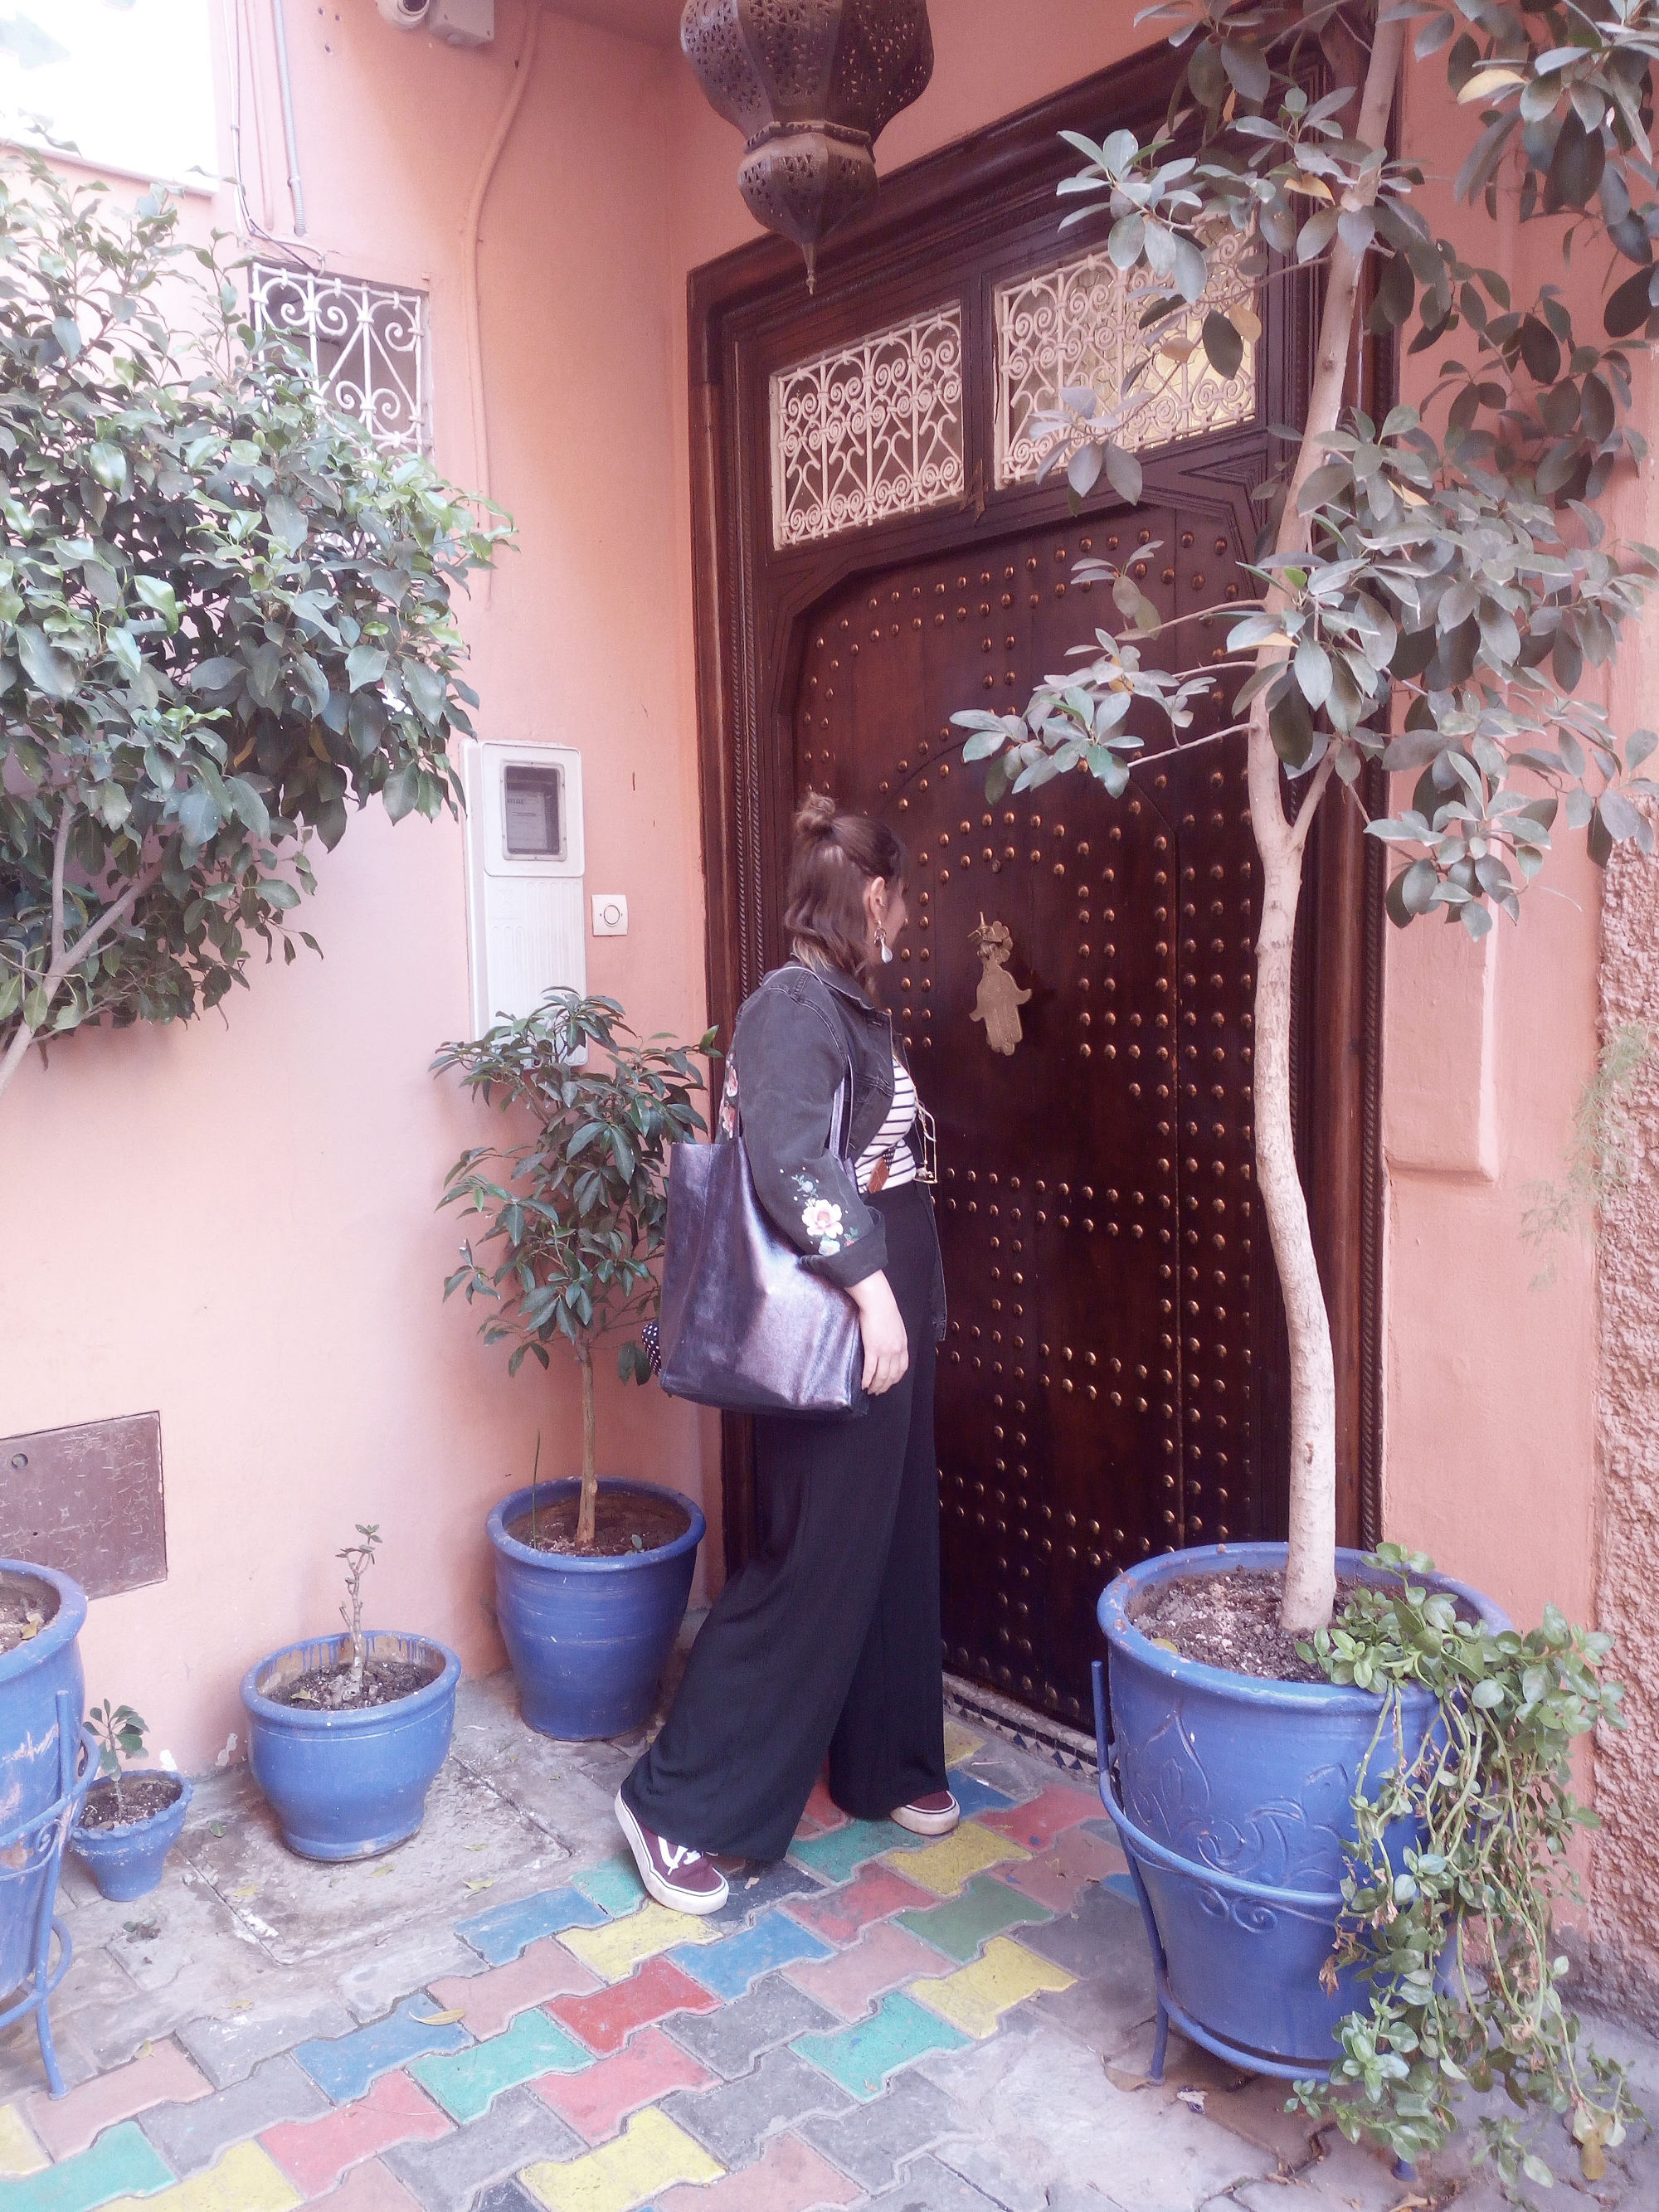 Sehenswürdigkeiten Marrakesch bunte Hinterhöfe